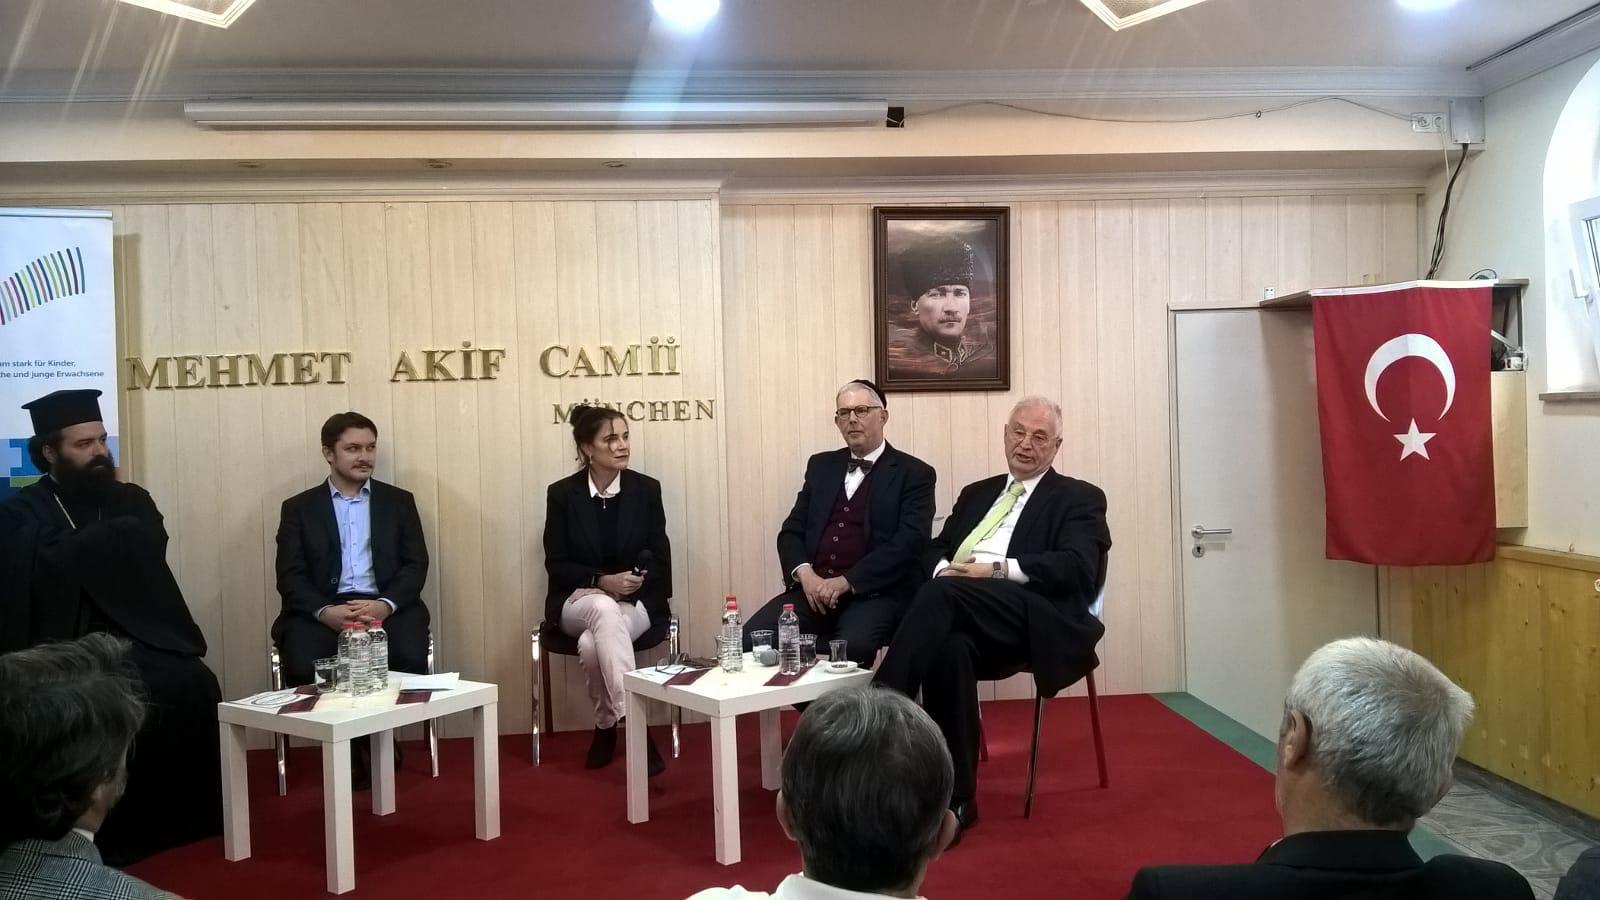 PD Dr. phil. habil. Karin B. Schnebel mit Vertretern der verschiedenen Religionen am Tag der offenen Moscheen